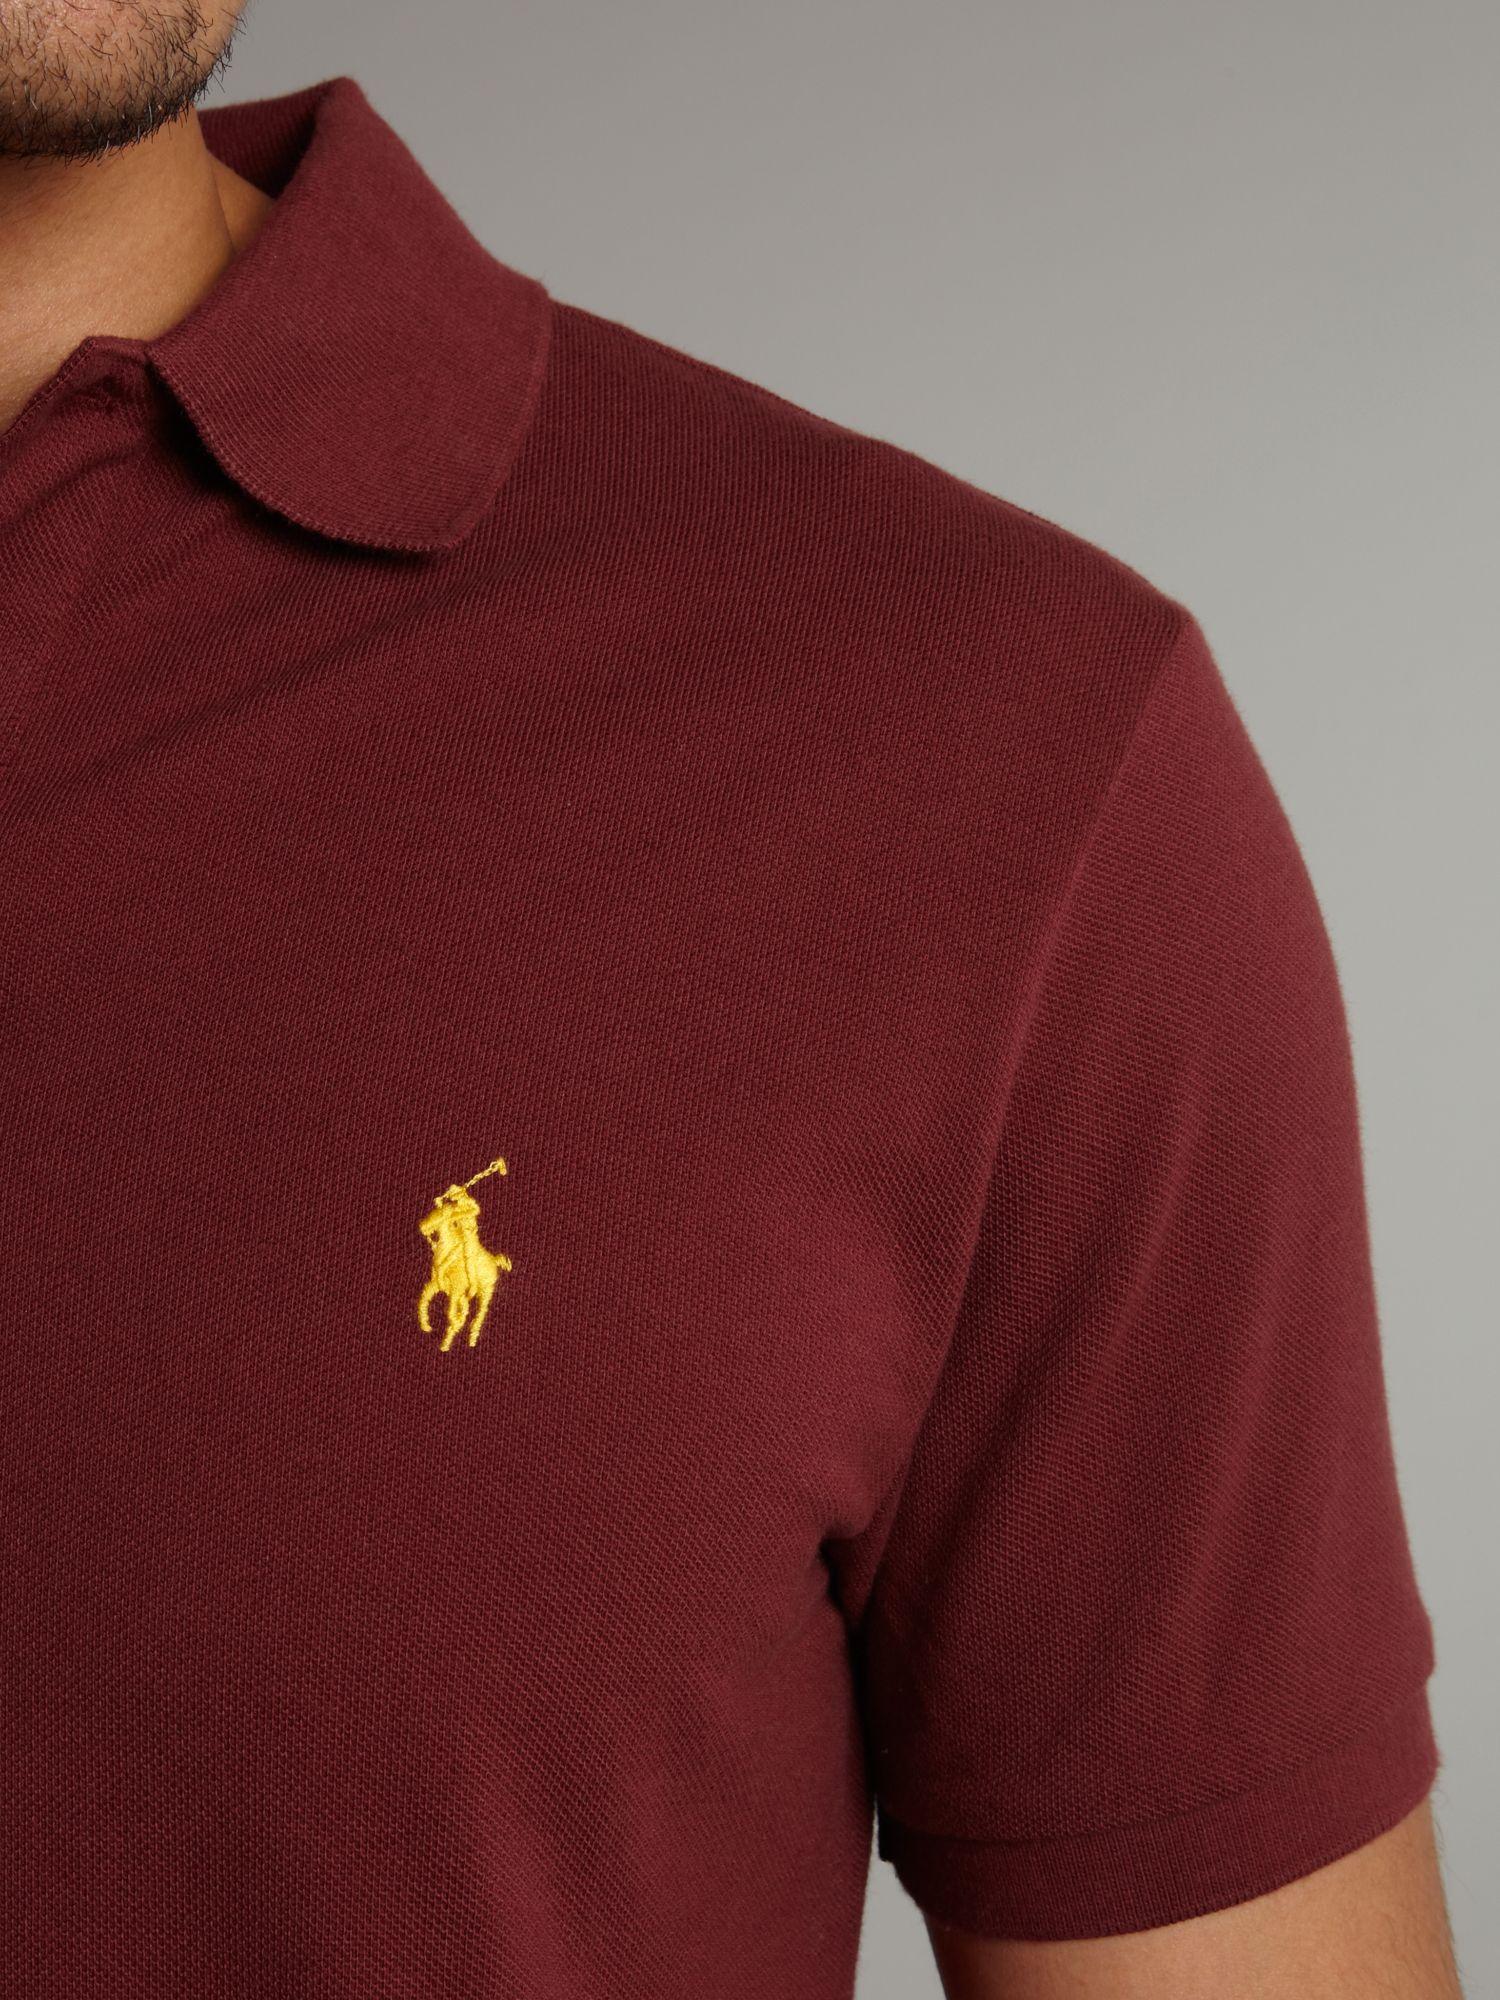 Men S Stretch V Neck T Shirts